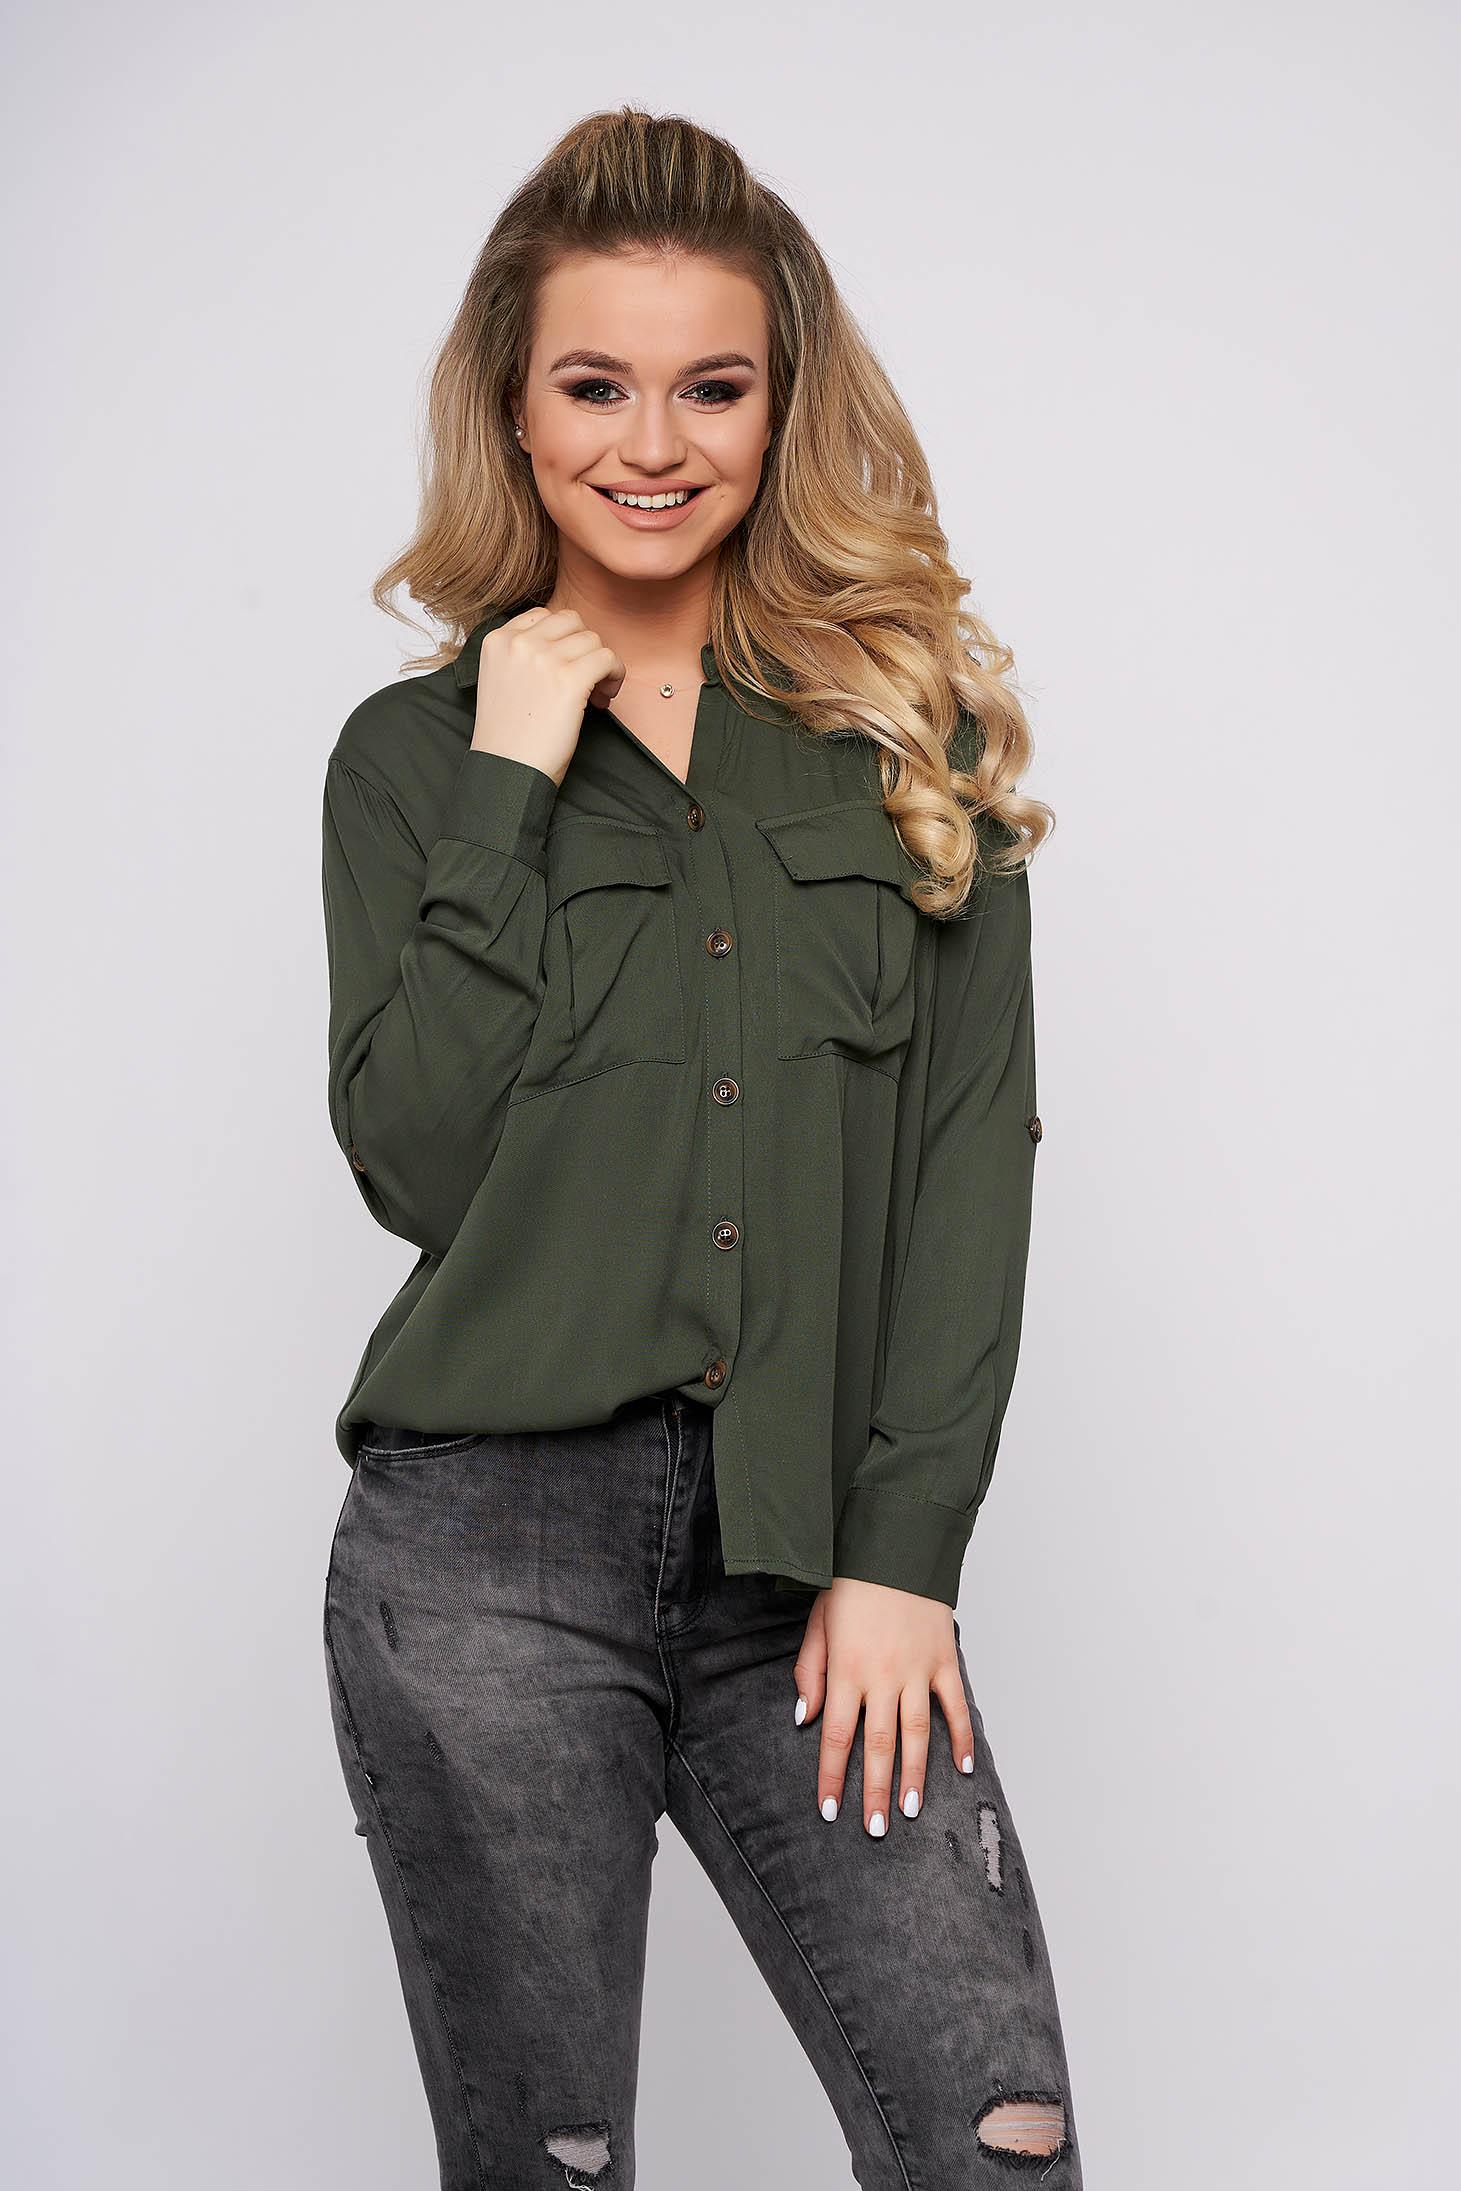 Camasa dama Top Secret verde casual scurta din bumbac cu maneci lungi si buzunare